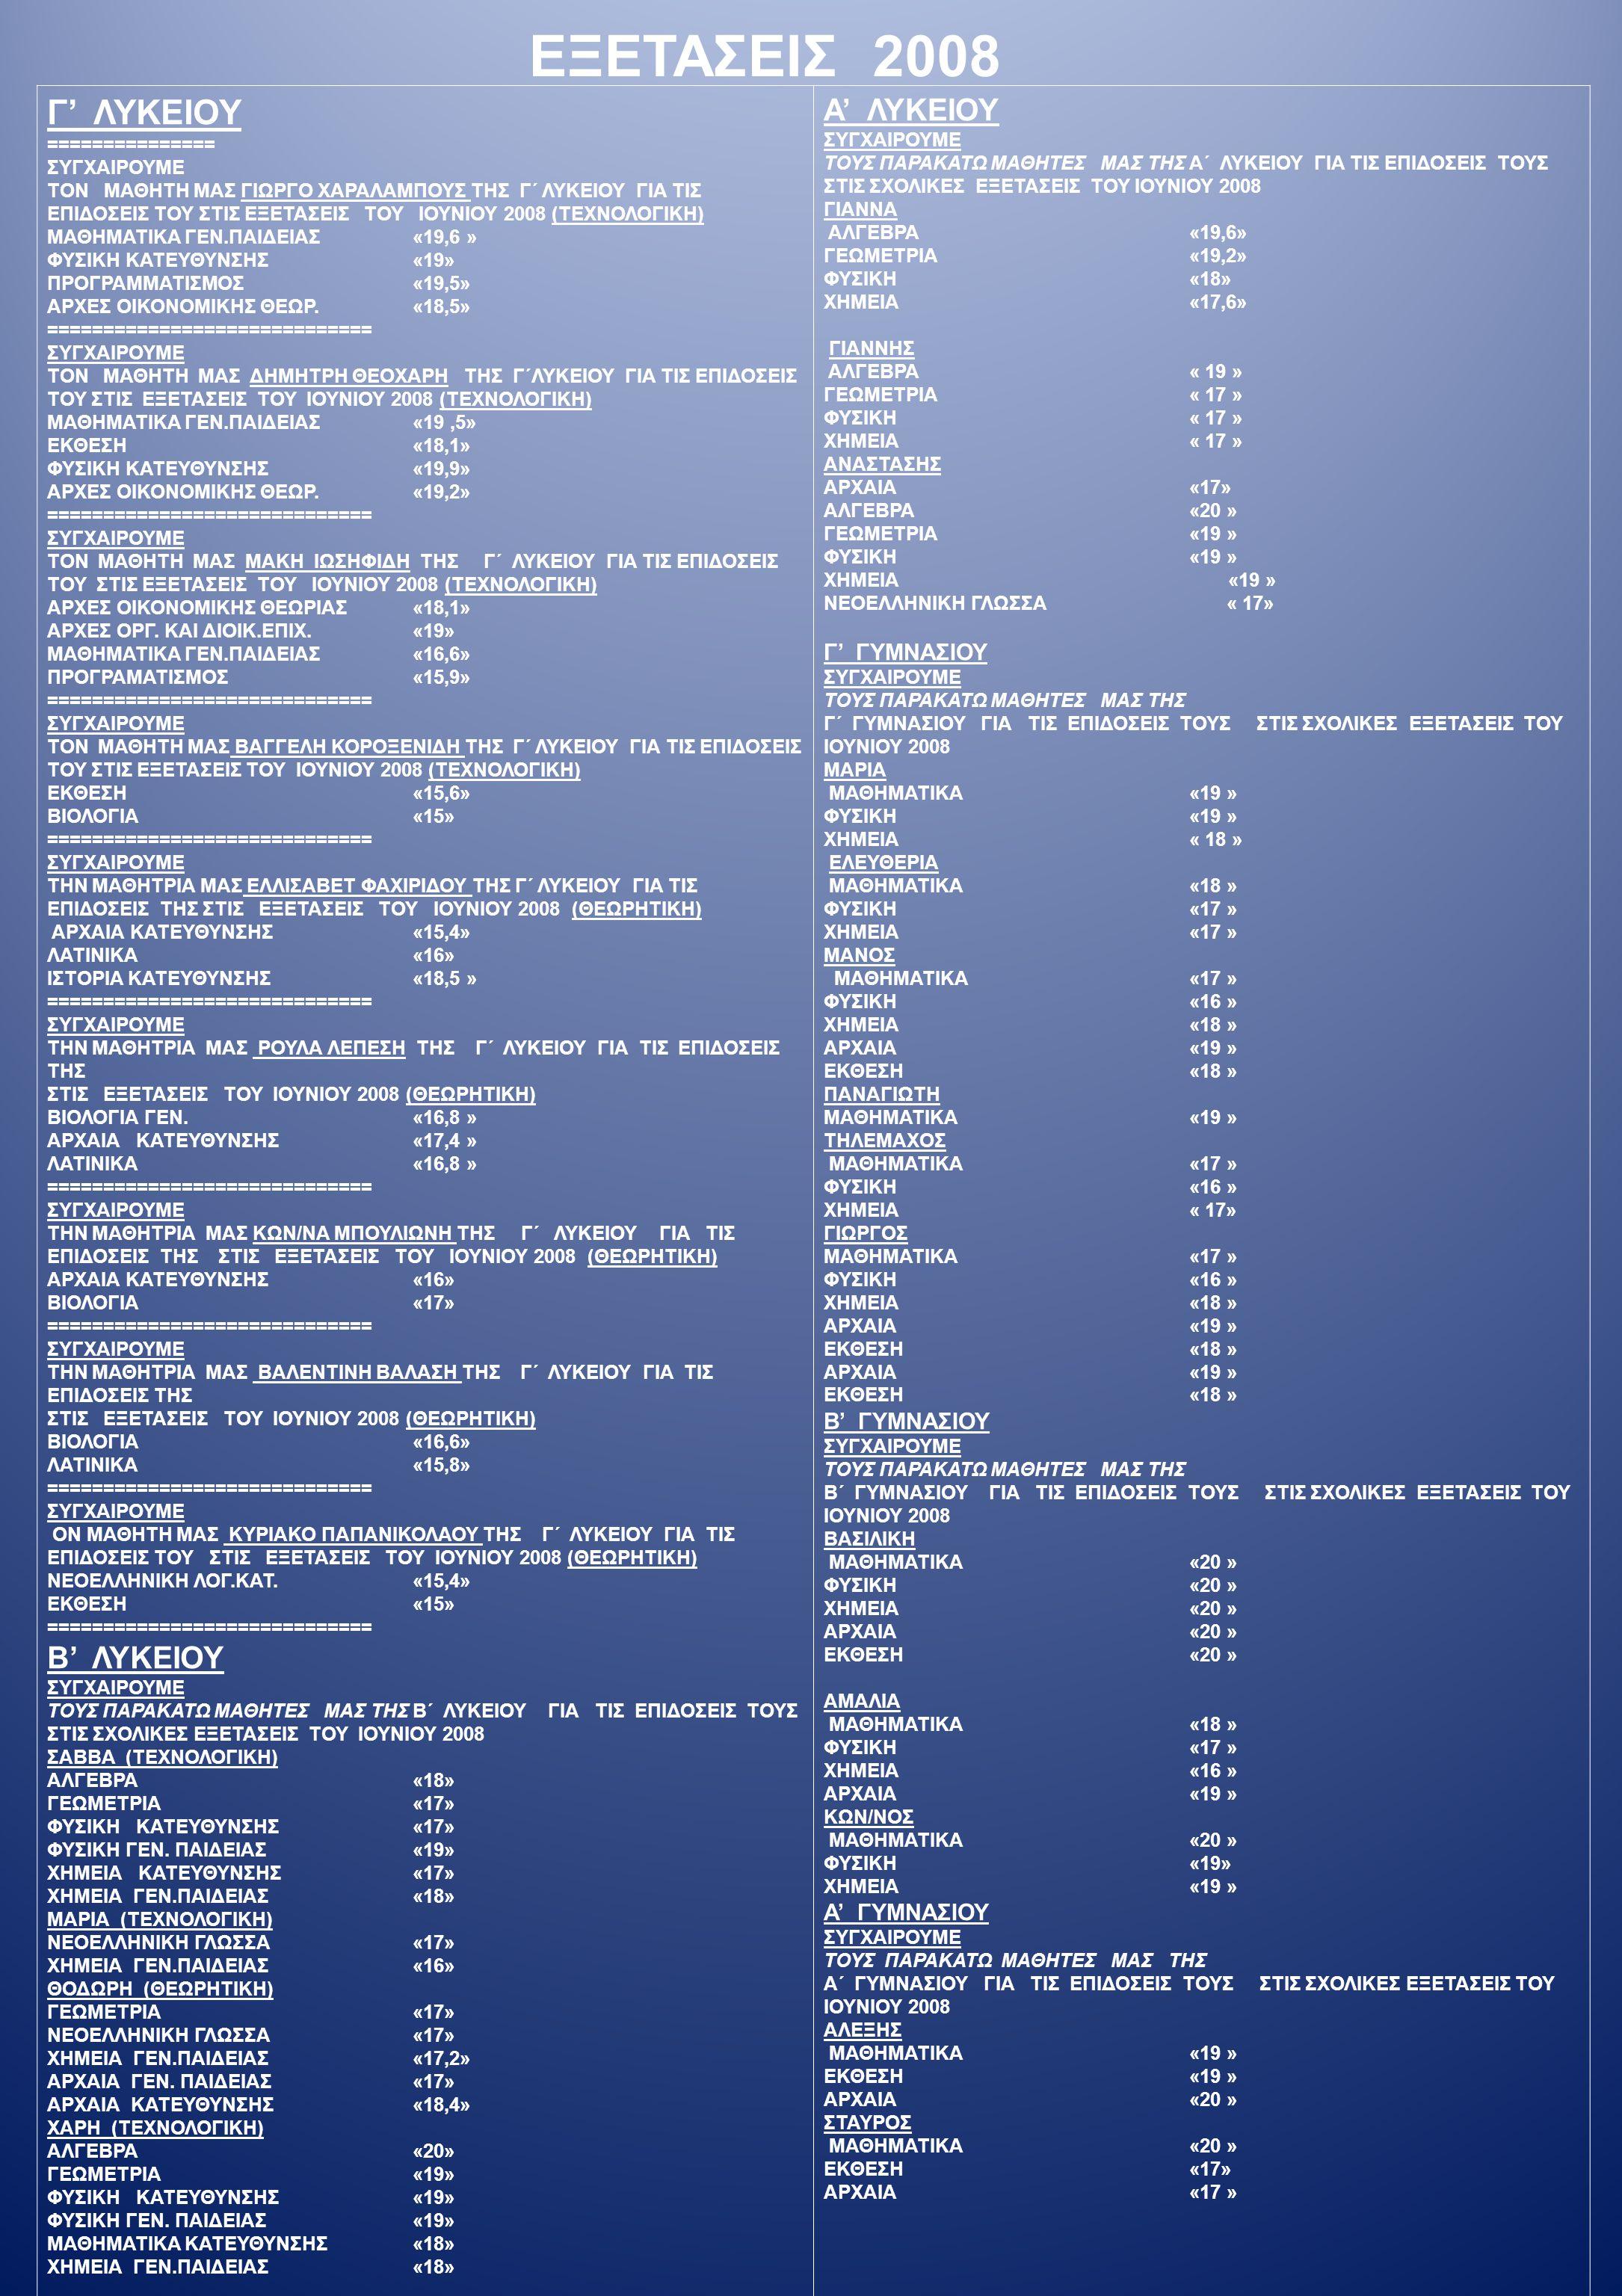 Γ' ΛΥΚΕΙΟΥ =============== ΣΥΓΧΑΙΡΟΥΜΕ ΤON ΜΑΘΗΤH ΜΑΣ ΓΙΩΡΓΟ ΧΑΡΑΛΑΜΠΟΥΣ ΤΗΣ Γ΄ ΛΥΚΕΙΟΥ ΓΙΑ ΤΙΣ ΕΠΙΔΟΣΕΙΣ ΤΟΥ ΣΤΙΣ ΕΞΕΤΑΣΕΙΣ ΤΟΥ ΙΟΥΝΙΟΥ 2008 (ΤΕΧΝΟΛΟ